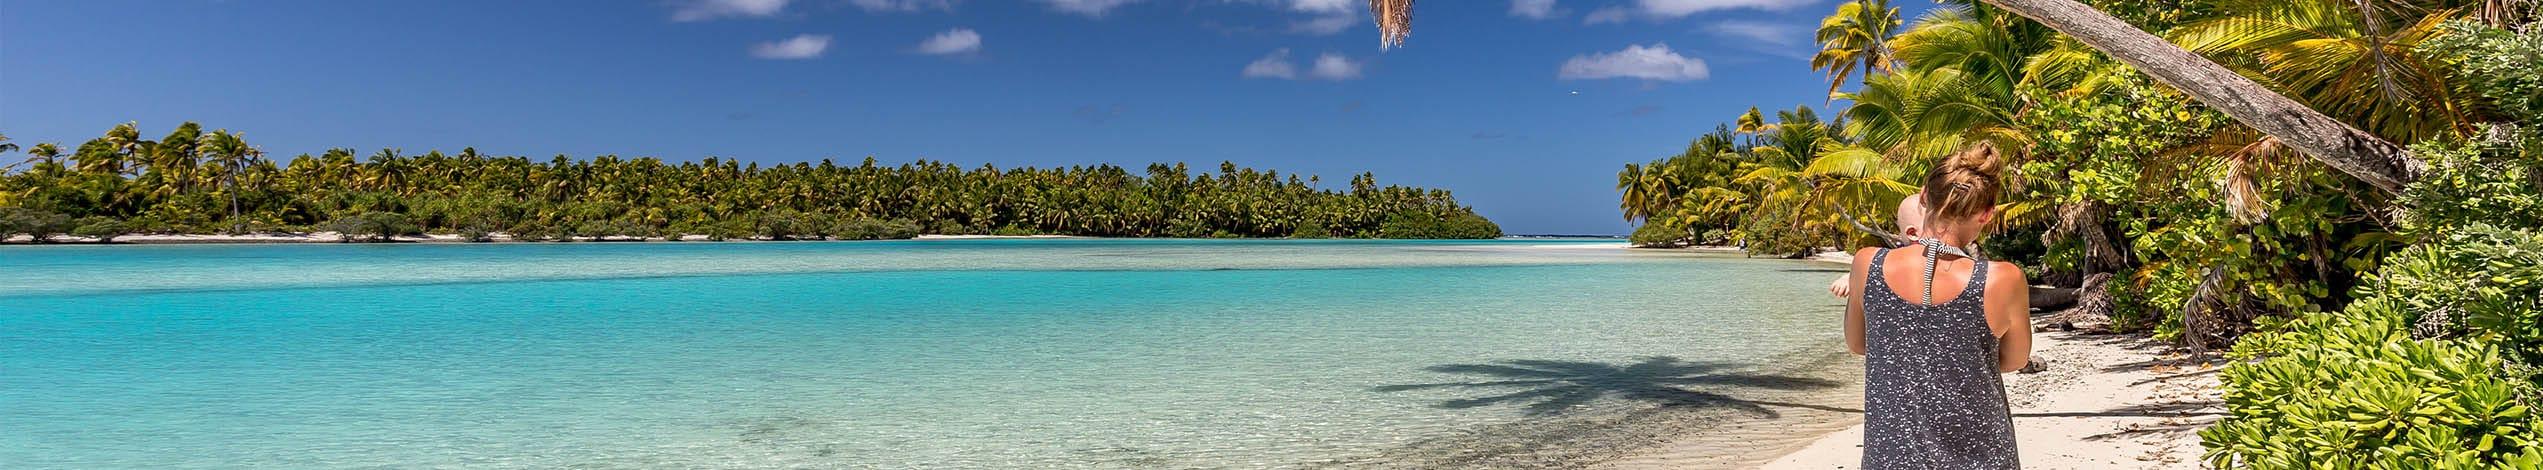 dejtingsajt i Mauritius gratis dating tjänster online